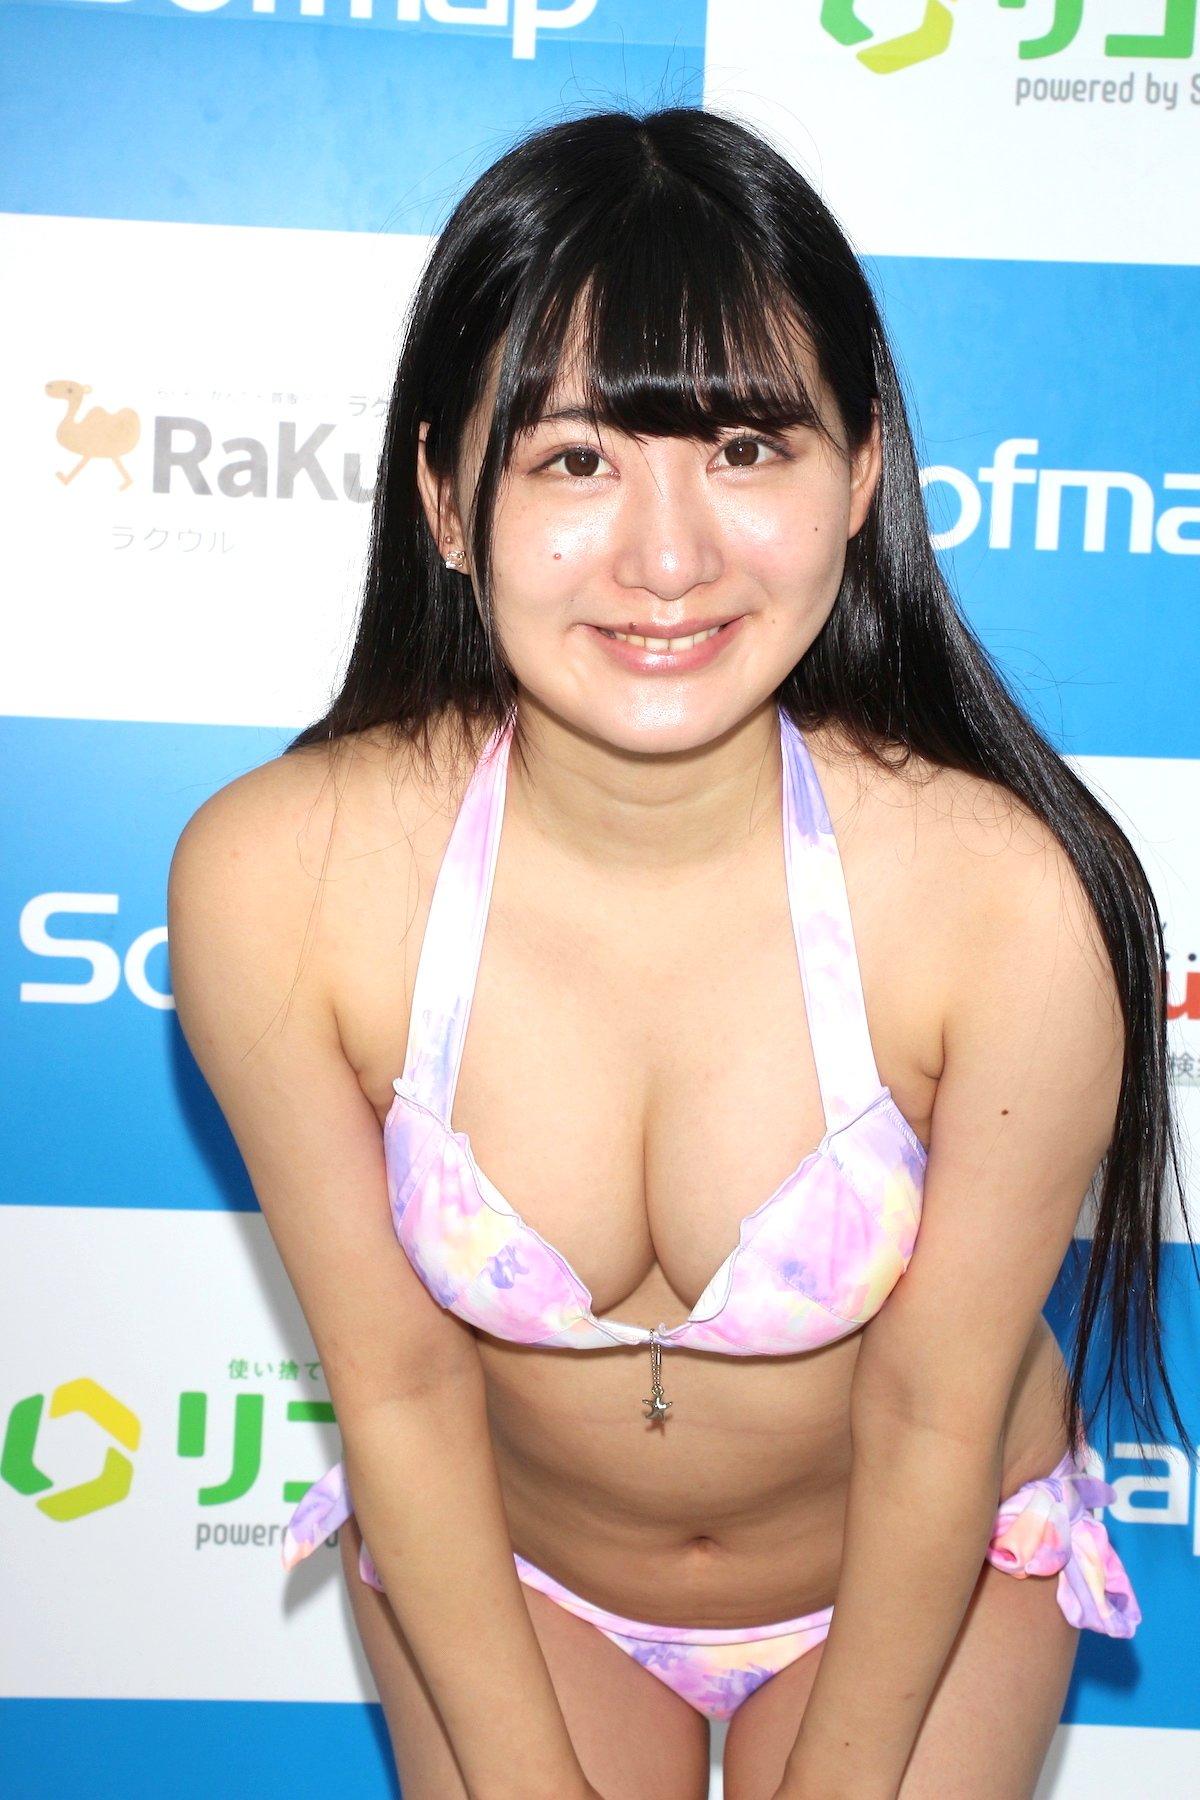 鈴木ことね「お尻推しって言われます」自分では意識してませんでした【画像49枚】の画像030